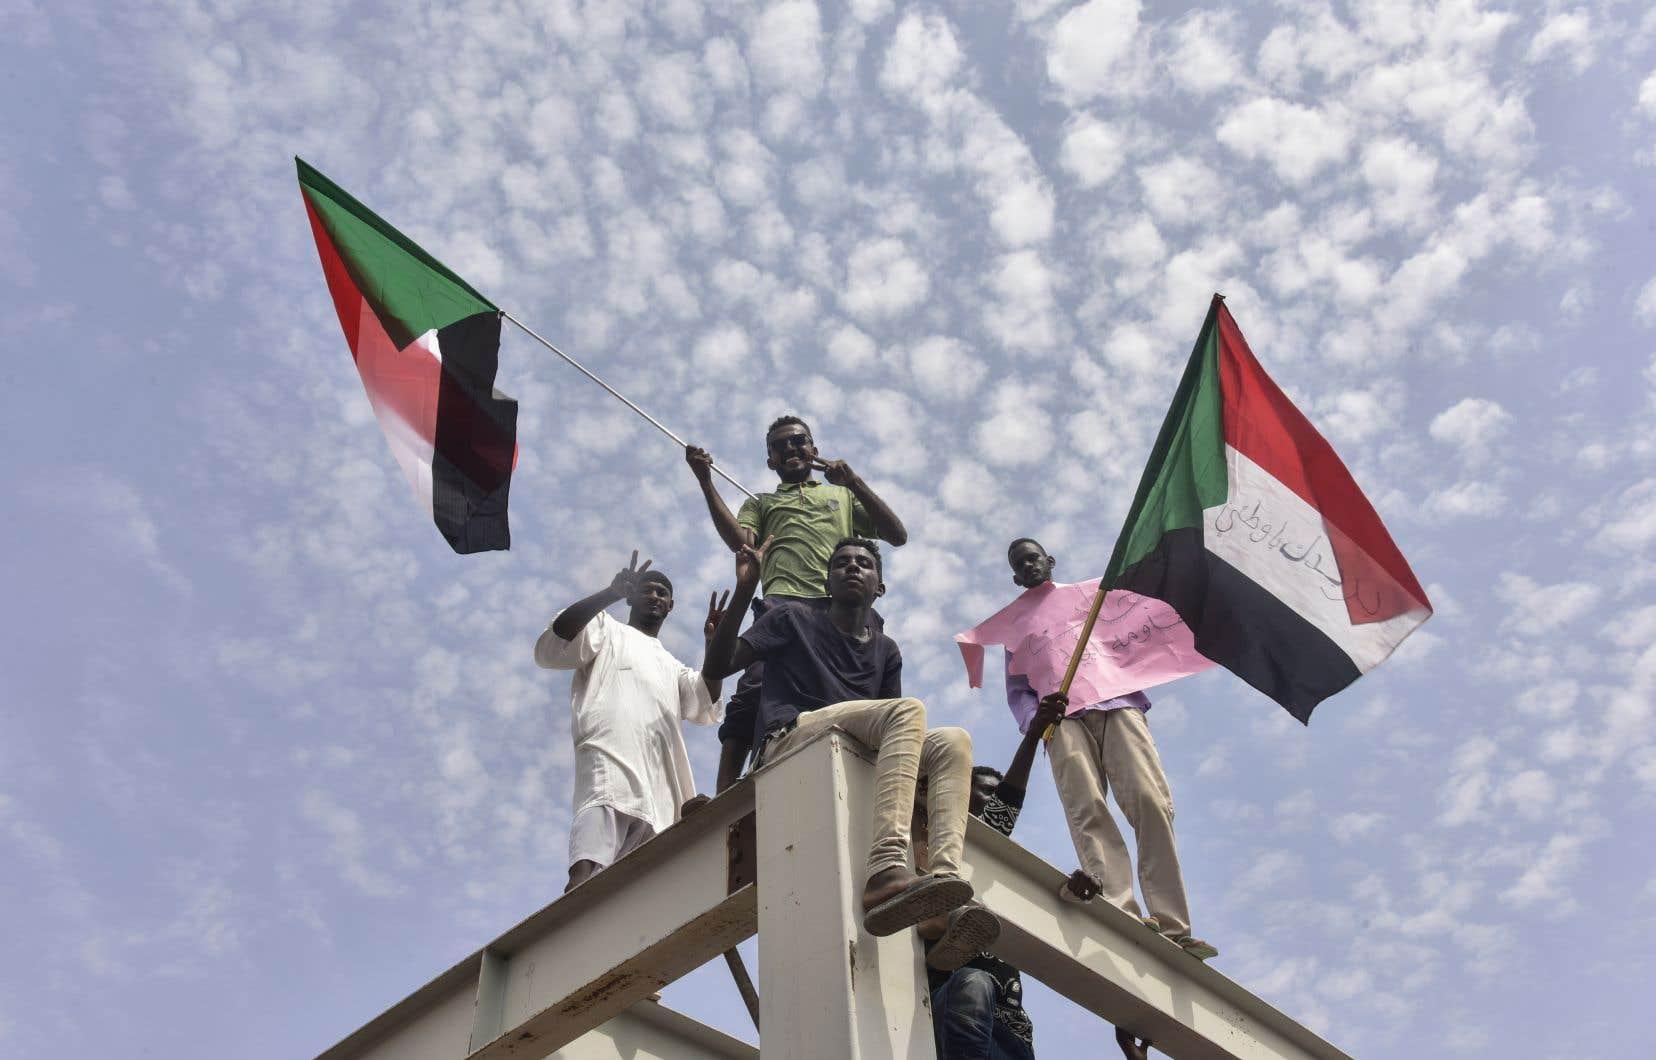 Les contestataires soudanais sont arrivés à Khartoum pour célébrer cet accord de transition qui permettra, selon plusieurs, plus de liberté et de prospérité au peuple.